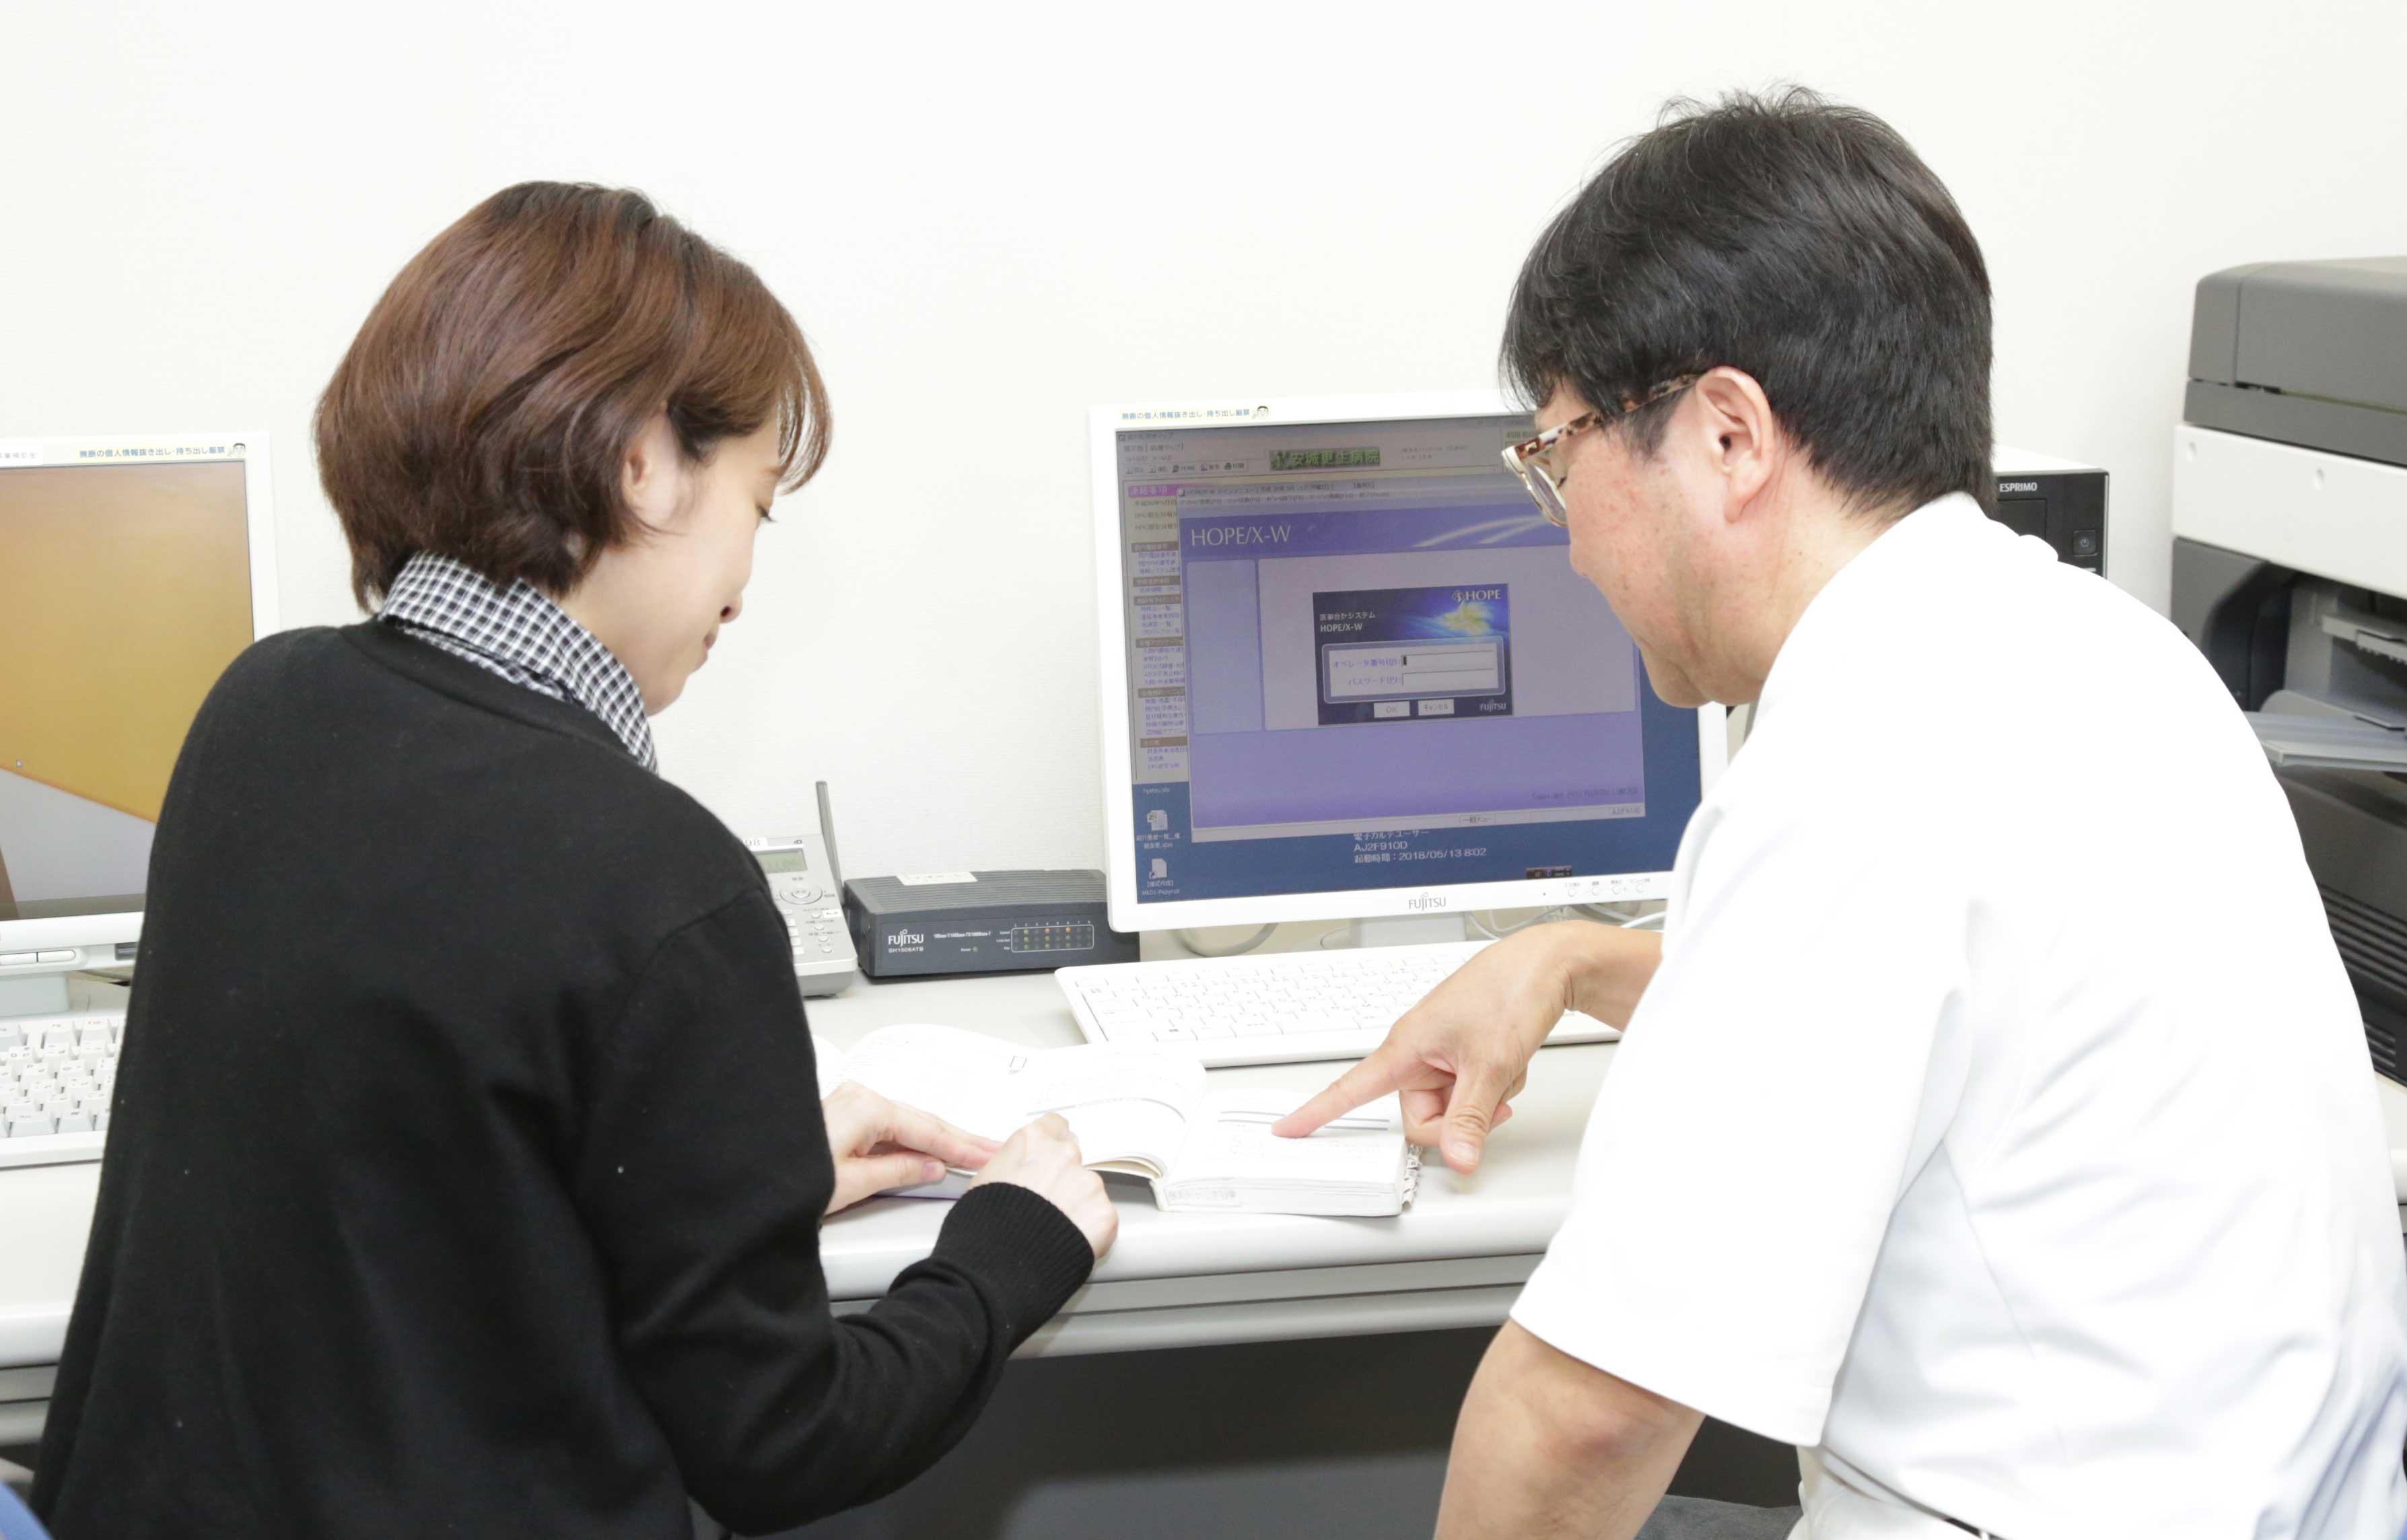 03_Clinicaldoctormeeting.jpg